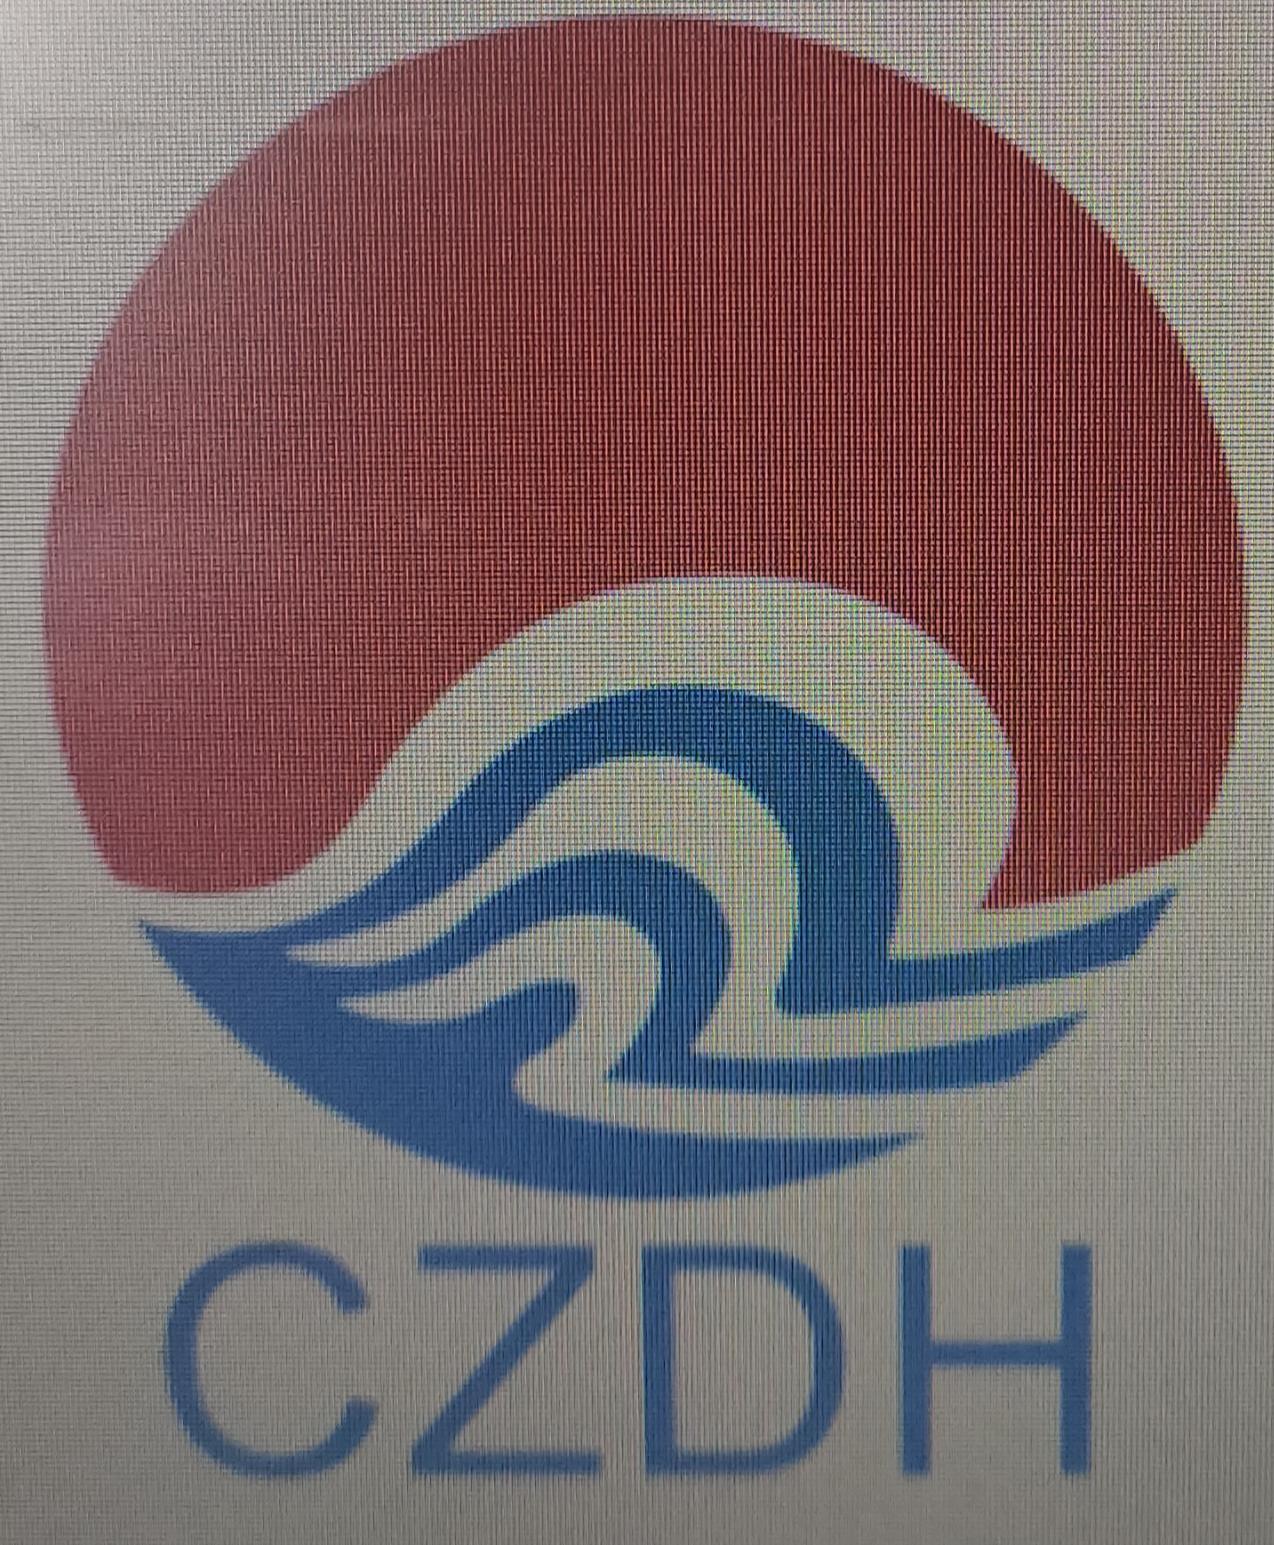 常州市东海橡胶厂有限公司的企业标志